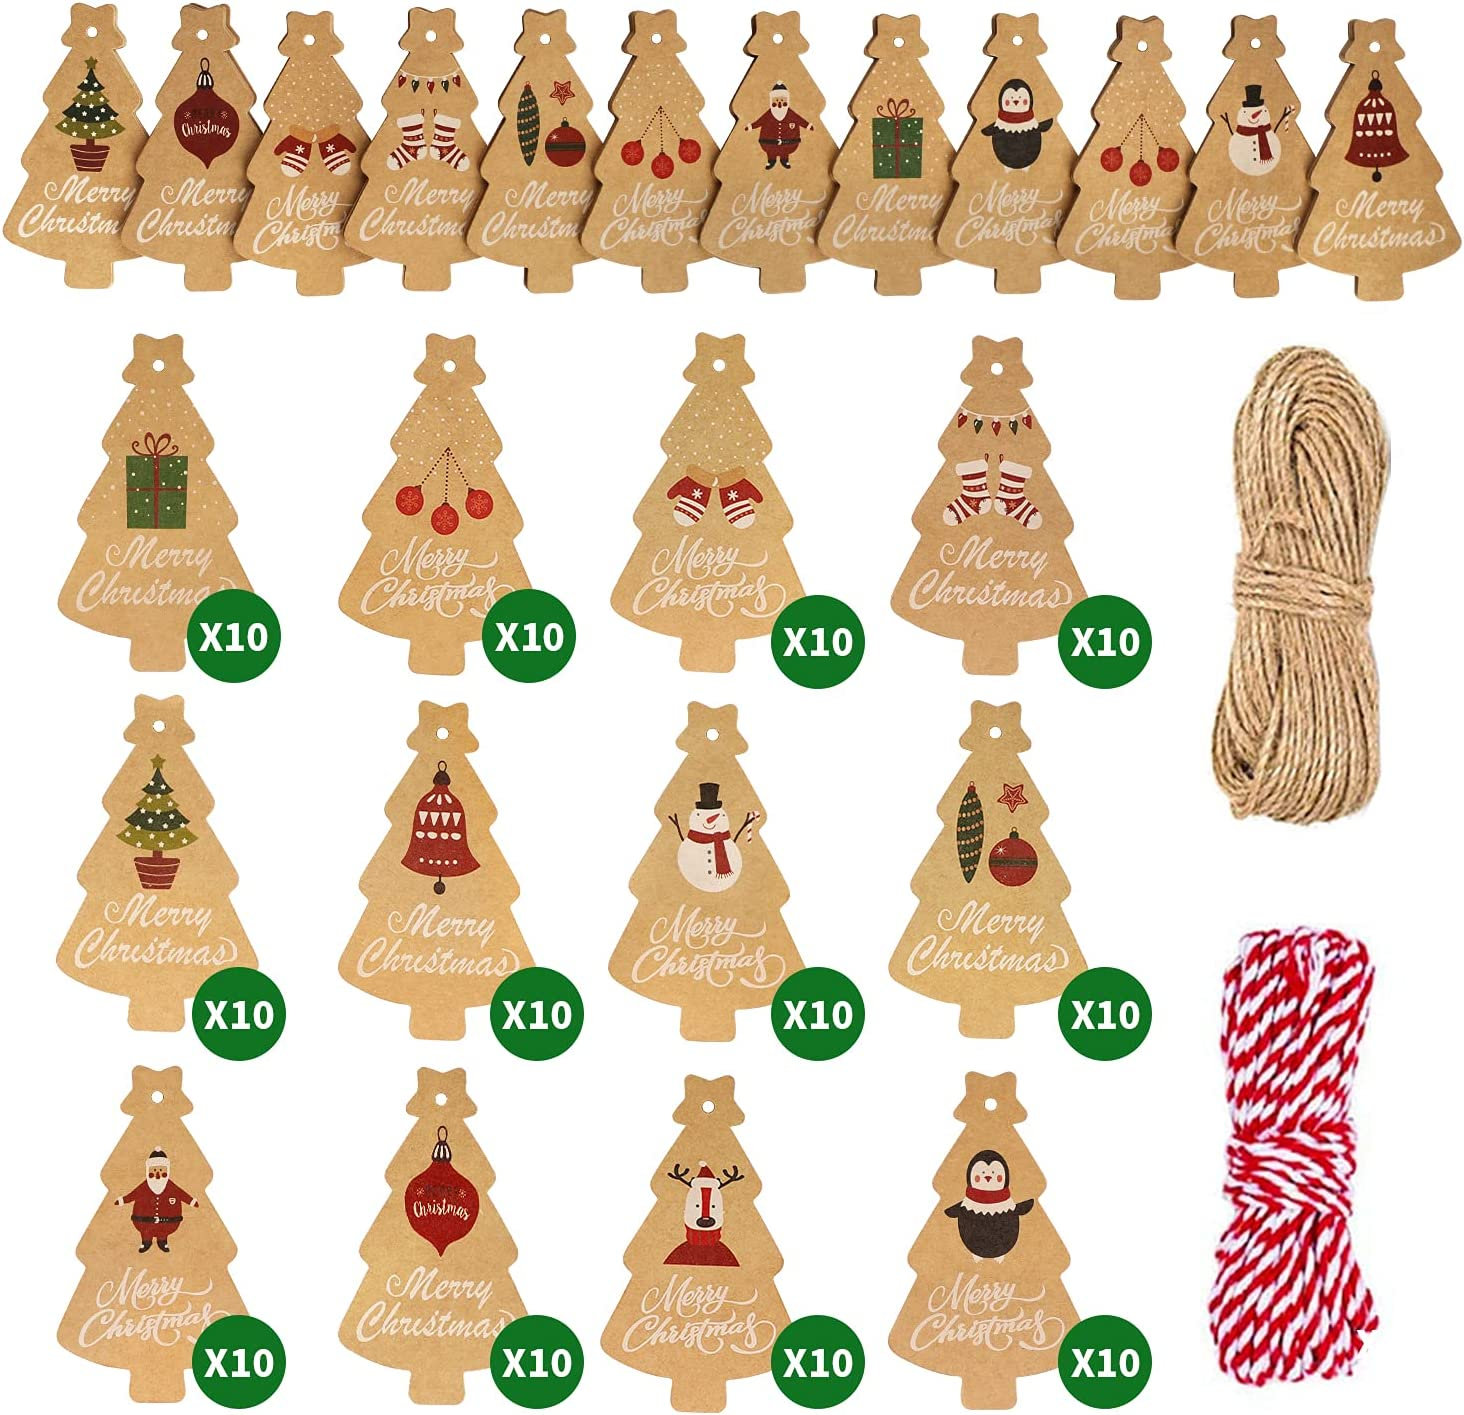 Viosmut Etiquetas de Regalo Navidad, 120 Piezas Etiquetas Papel Kraft, Chrismas Tags Colgantes con Cuerdas de 2 Rollo 10m Yute Perfecto para Manualidades Papel Regalo Navidad Decoración Arbol Navidad